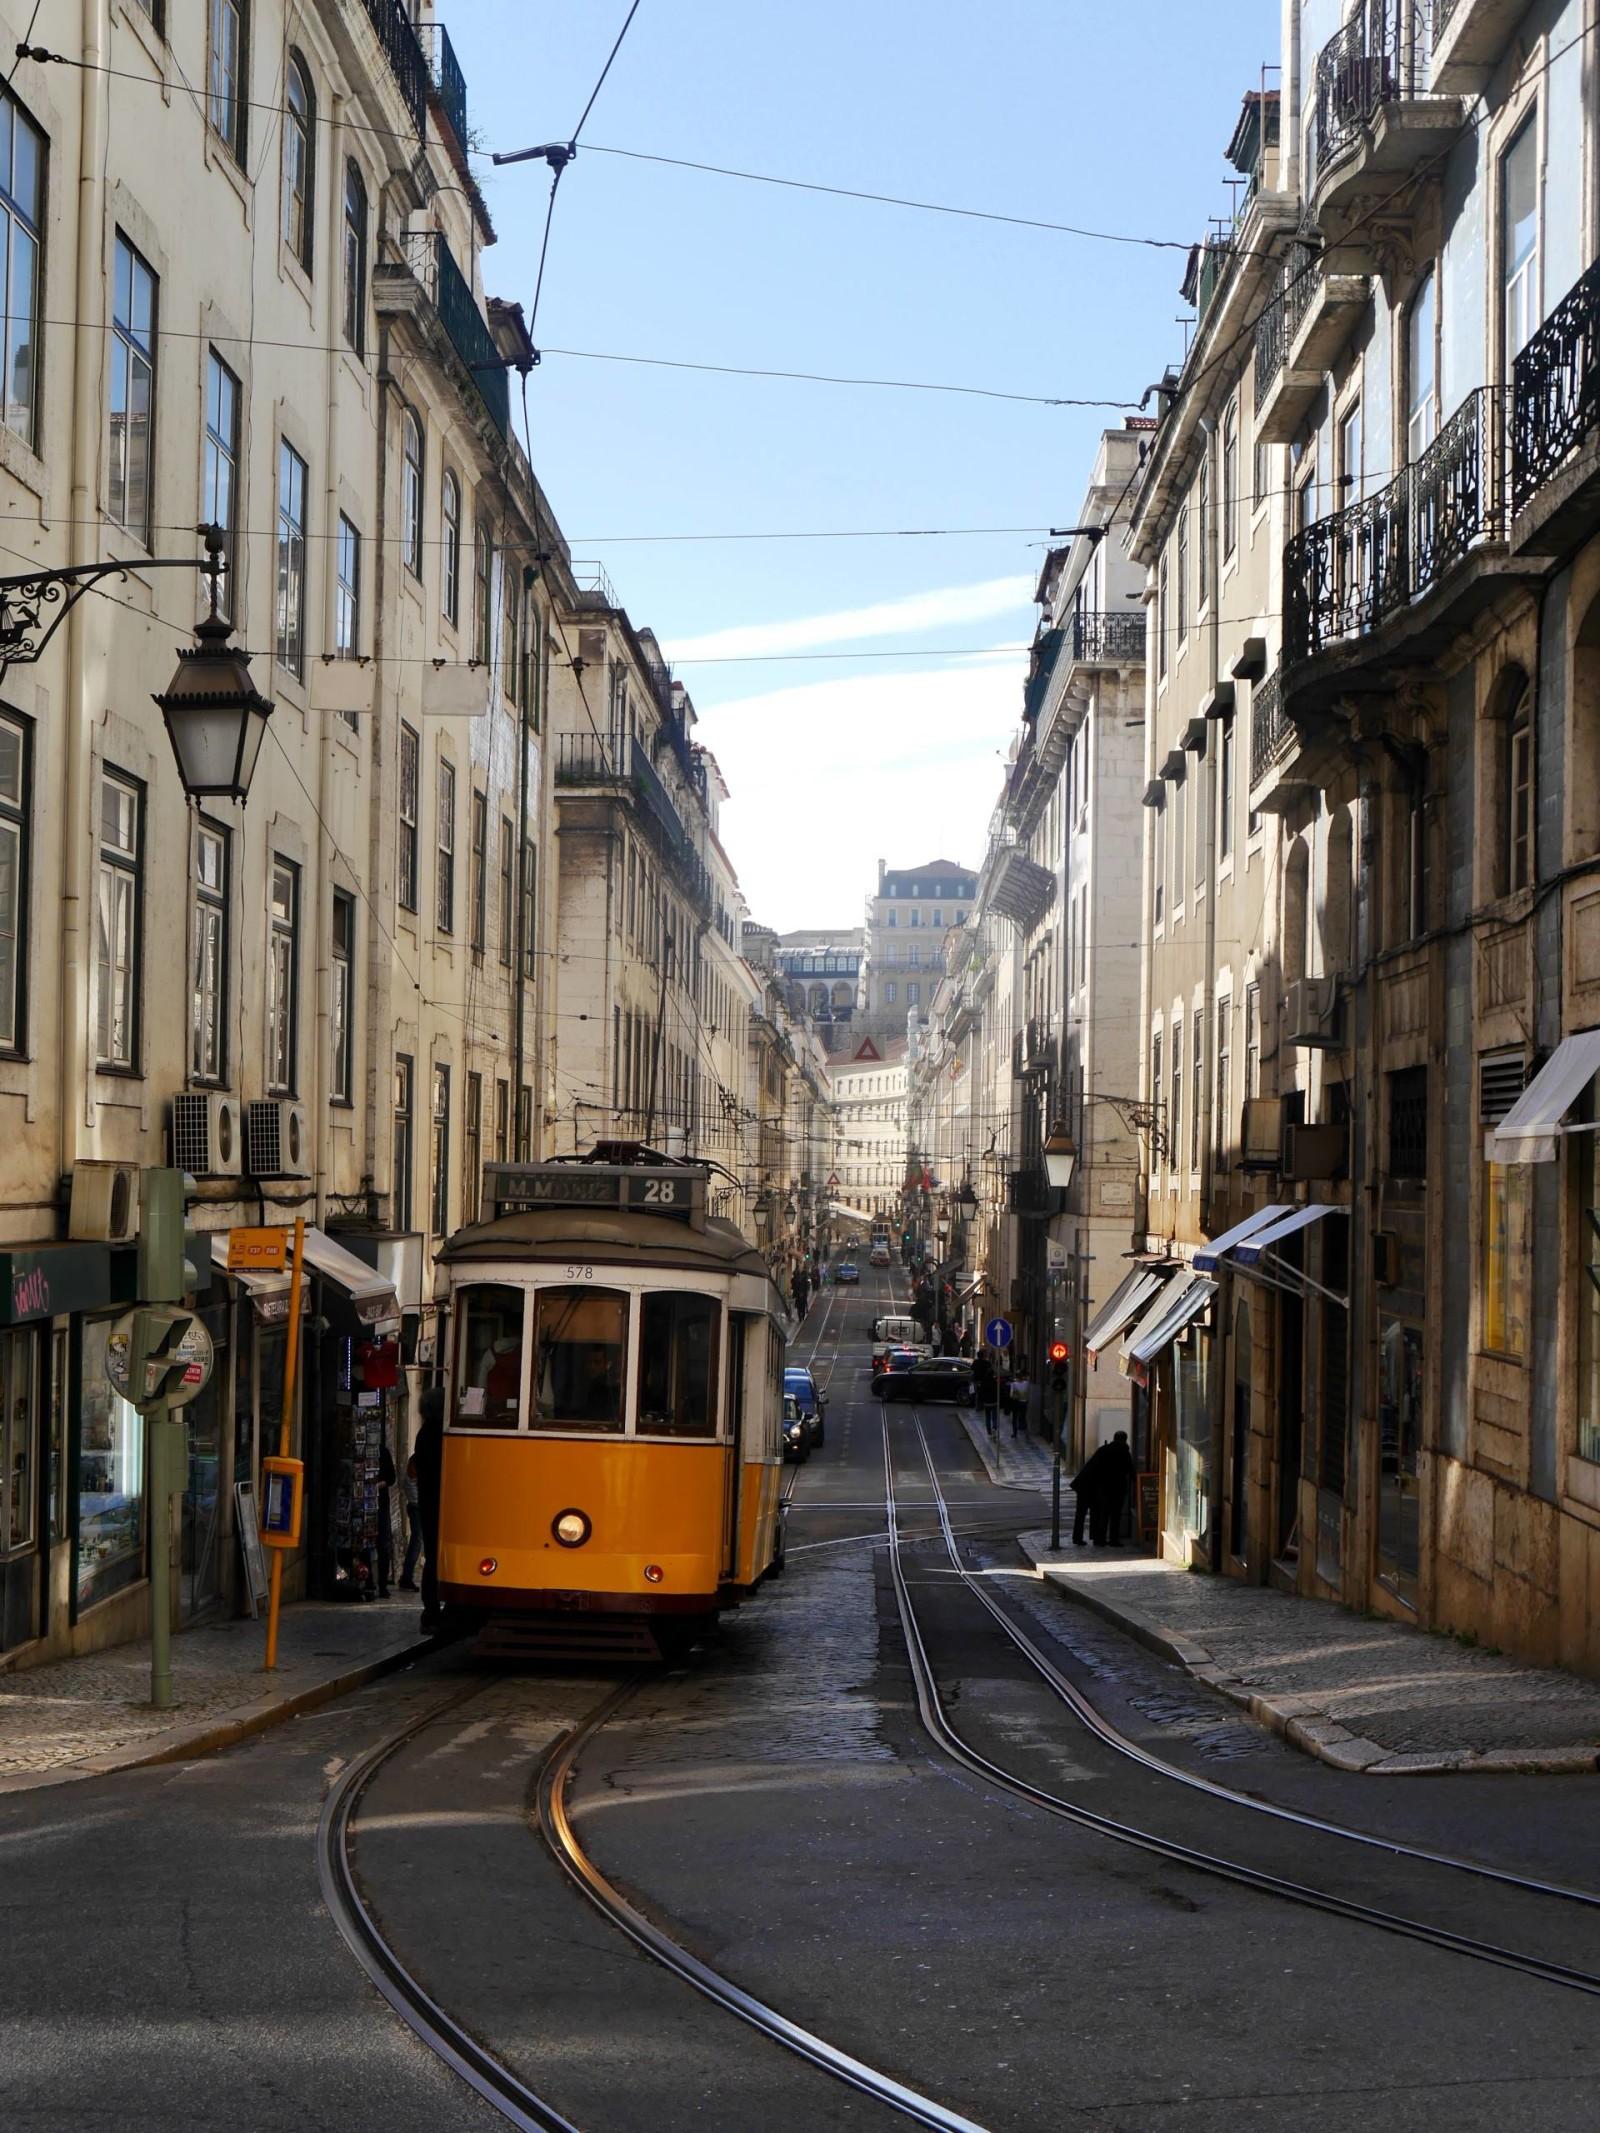 tram-28-lisbon2